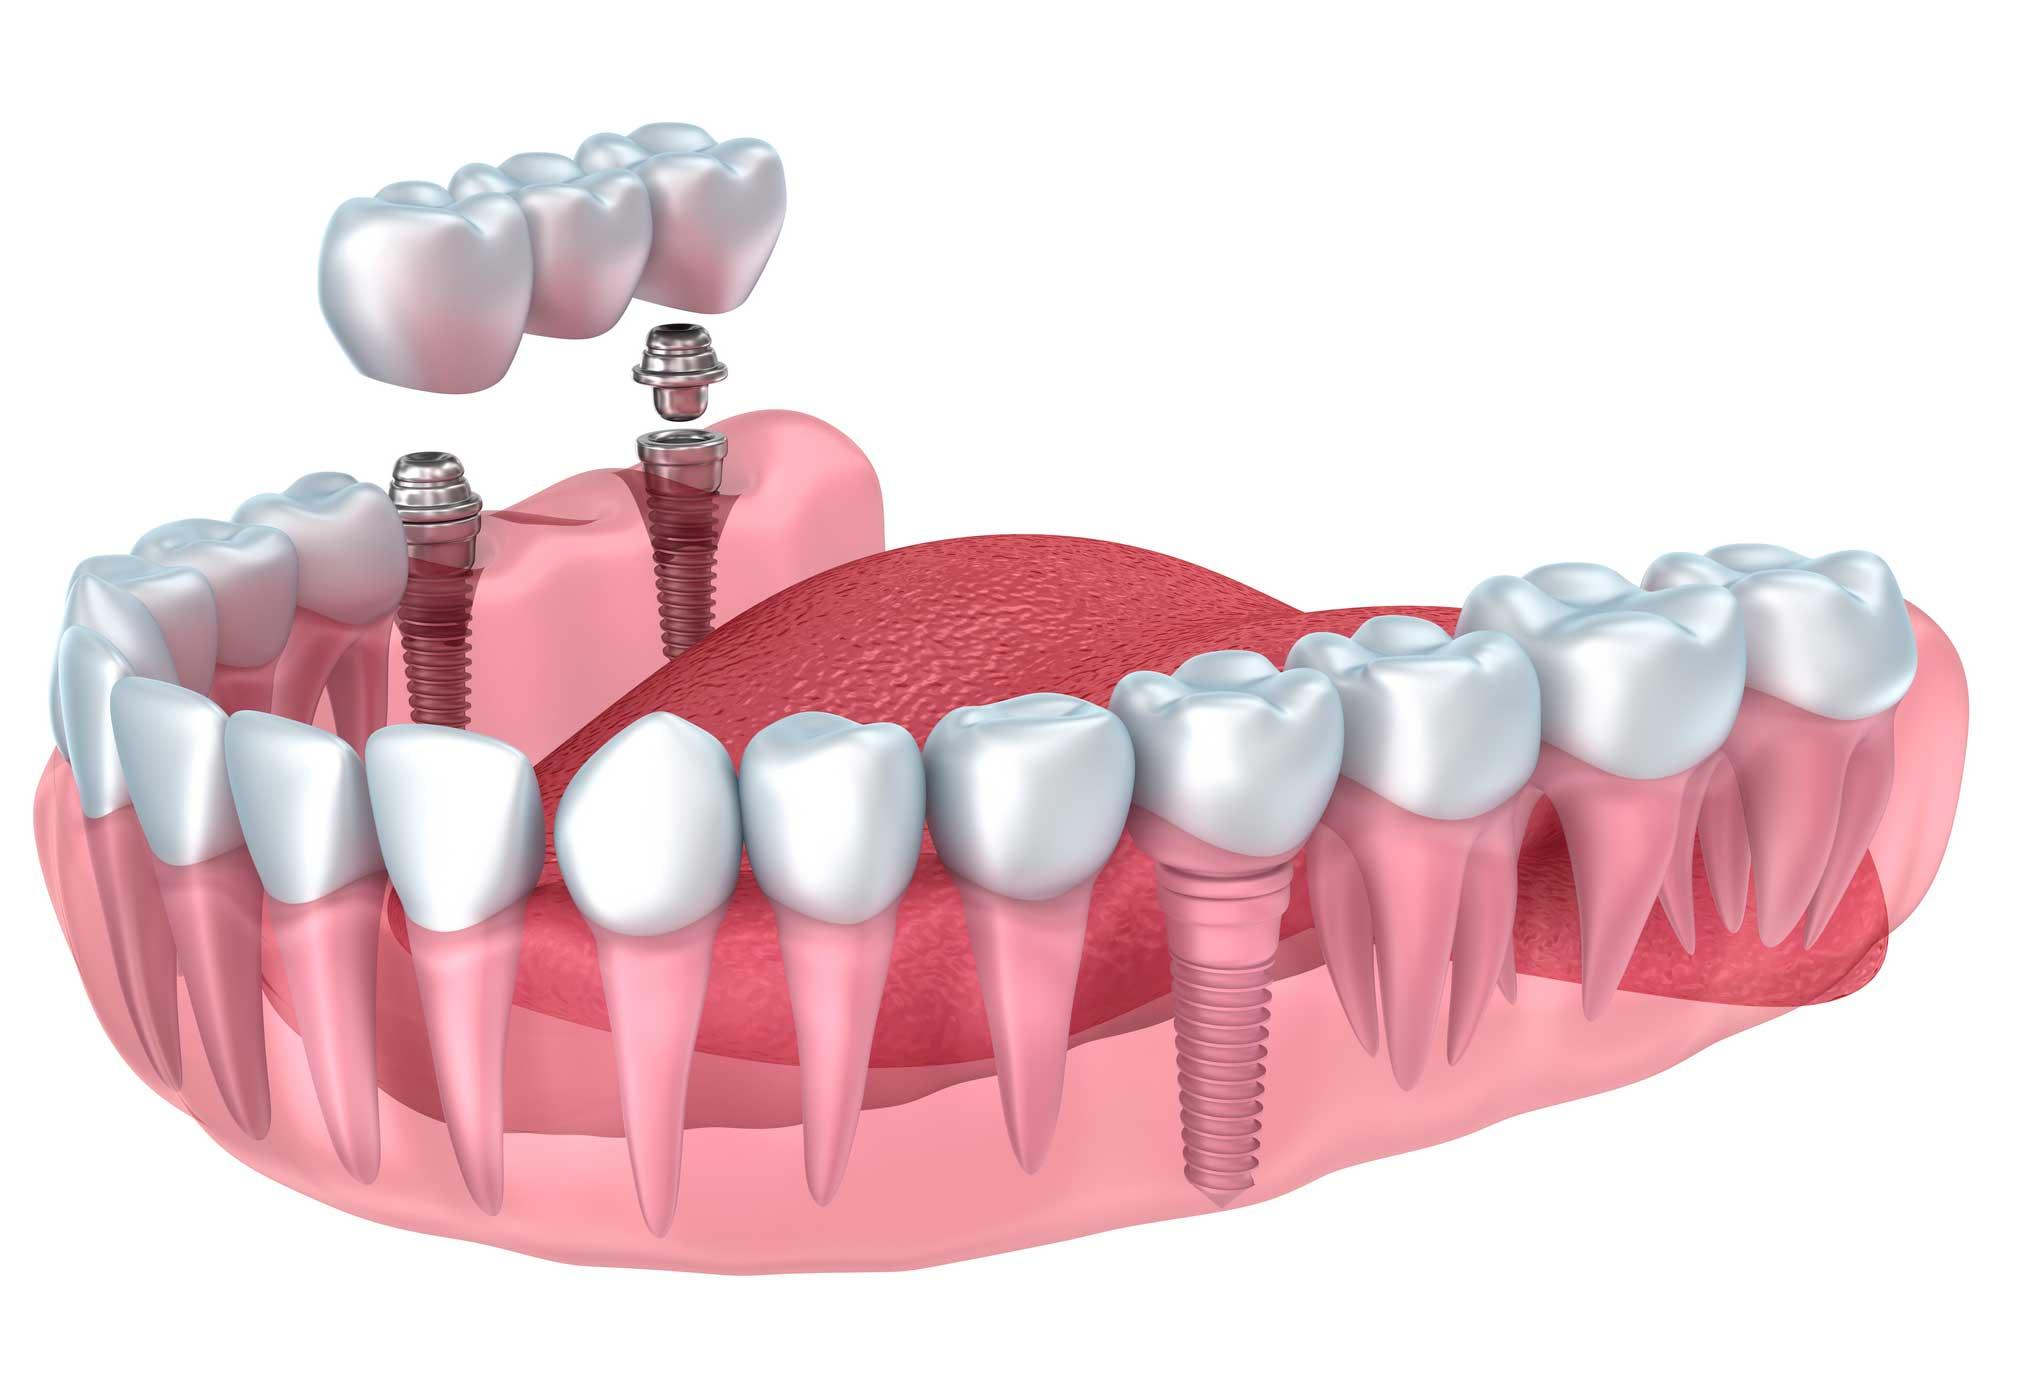 Implantes dentales en Los Realejos, Clínica dental en Los Realejos, Dentista en Los Realejos